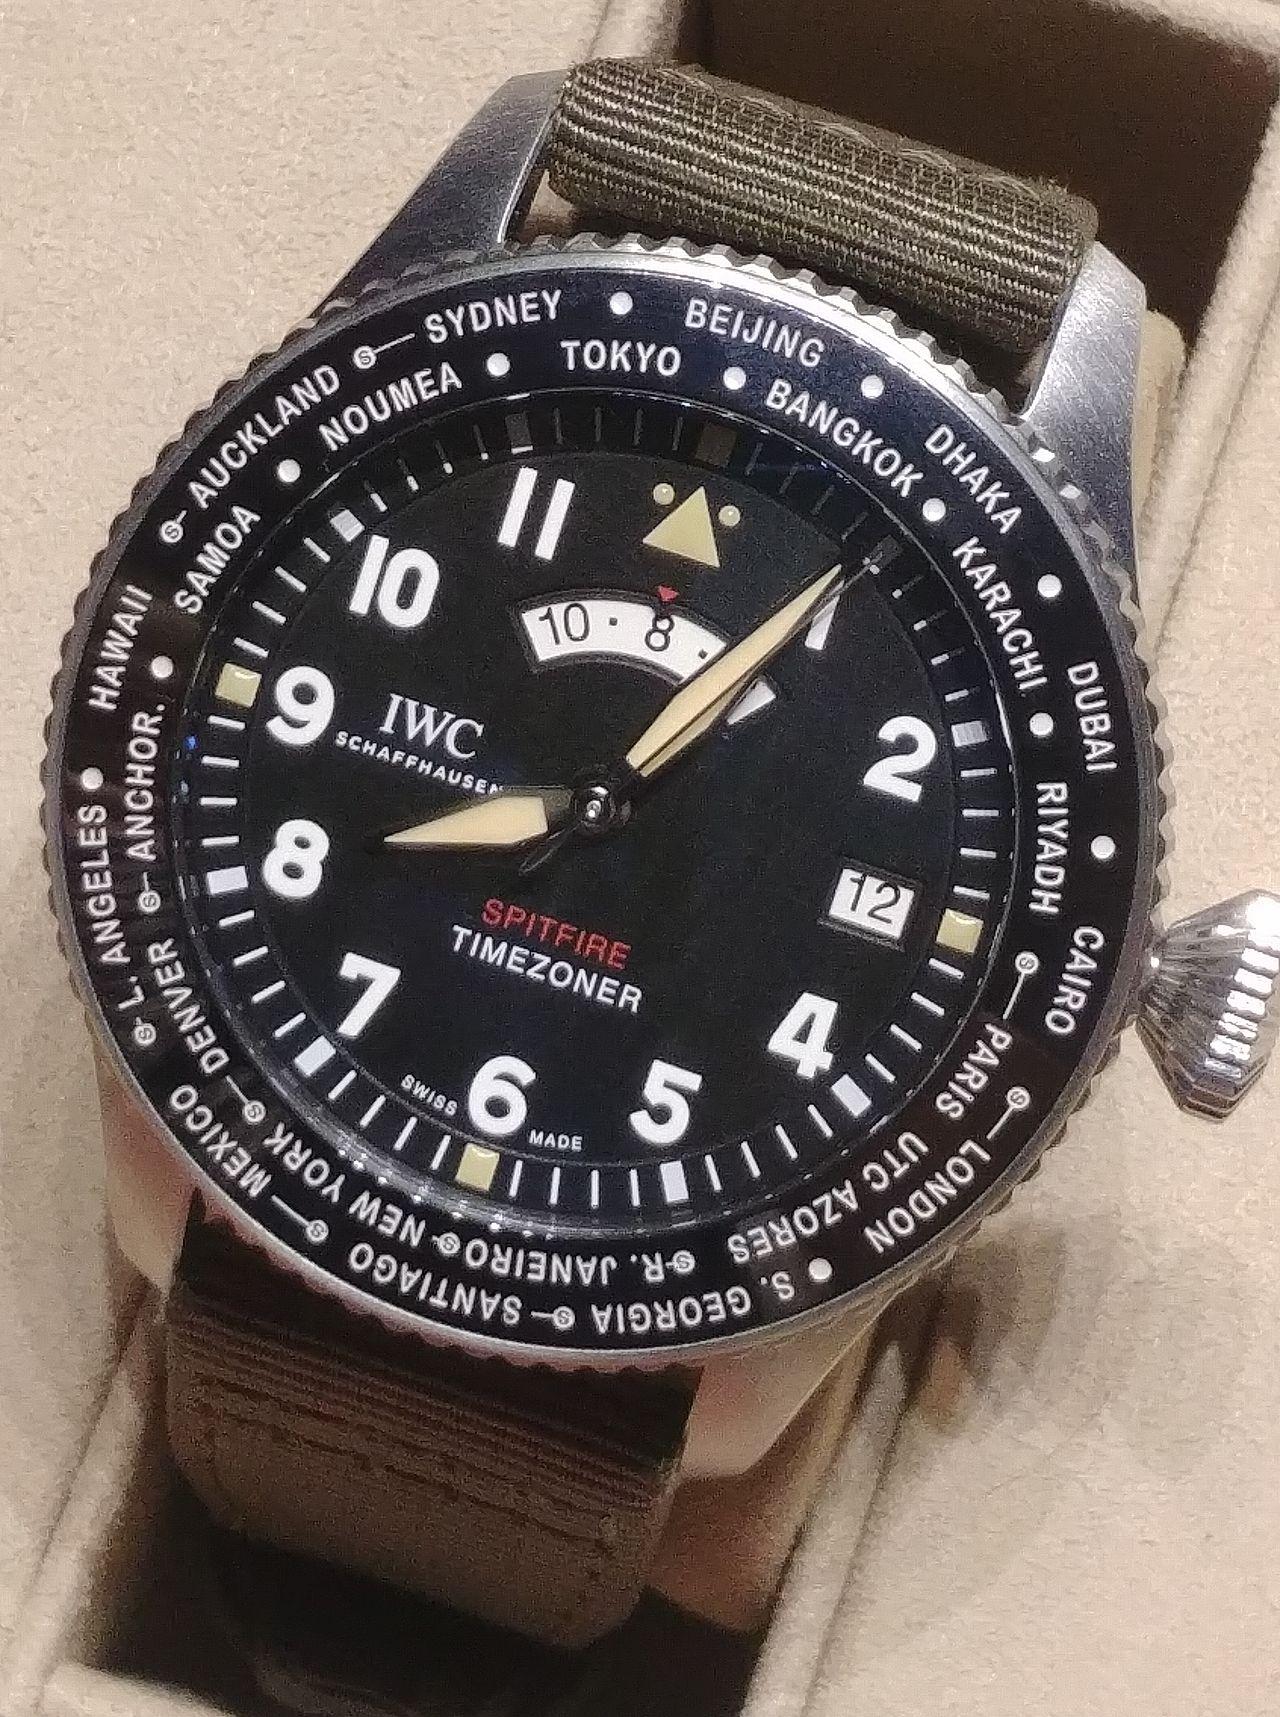 IWC Pilot's Watch Timezoner Spitfire Edition 'The Longest Flight' - elmaradhatatlan kellék a csavarzáras korona